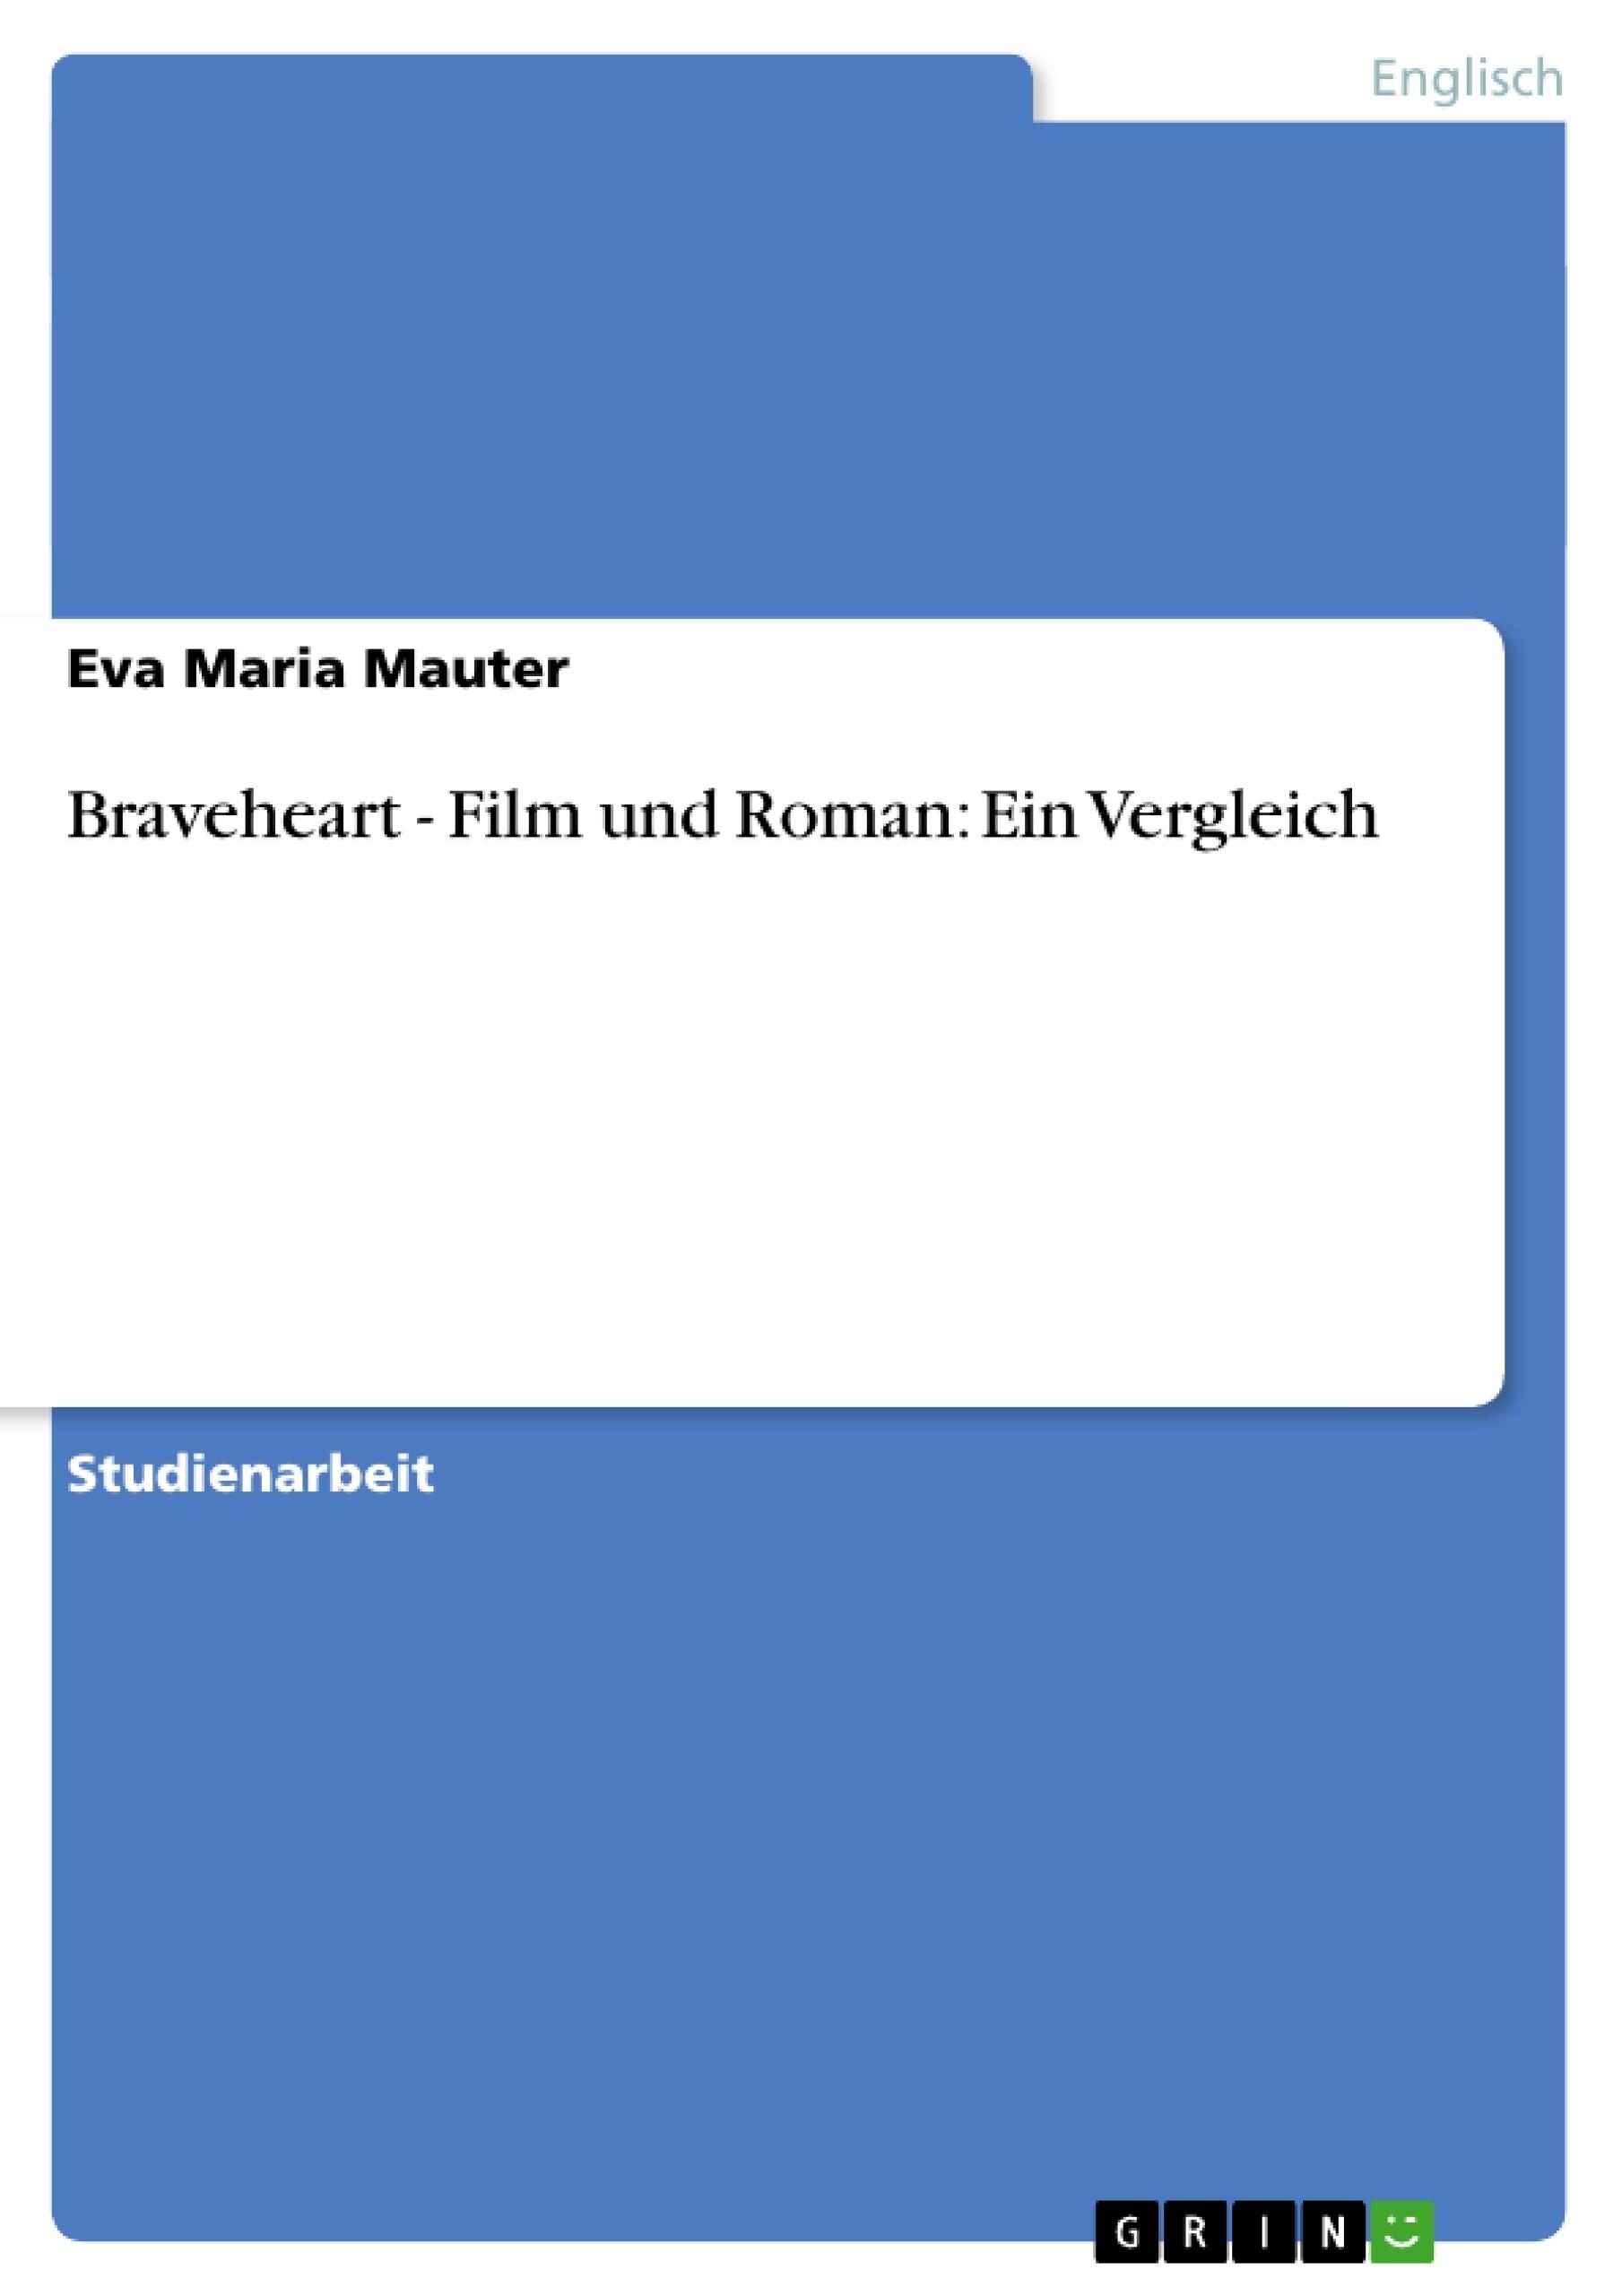 Titel: Braveheart - Film und Roman: Ein Vergleich